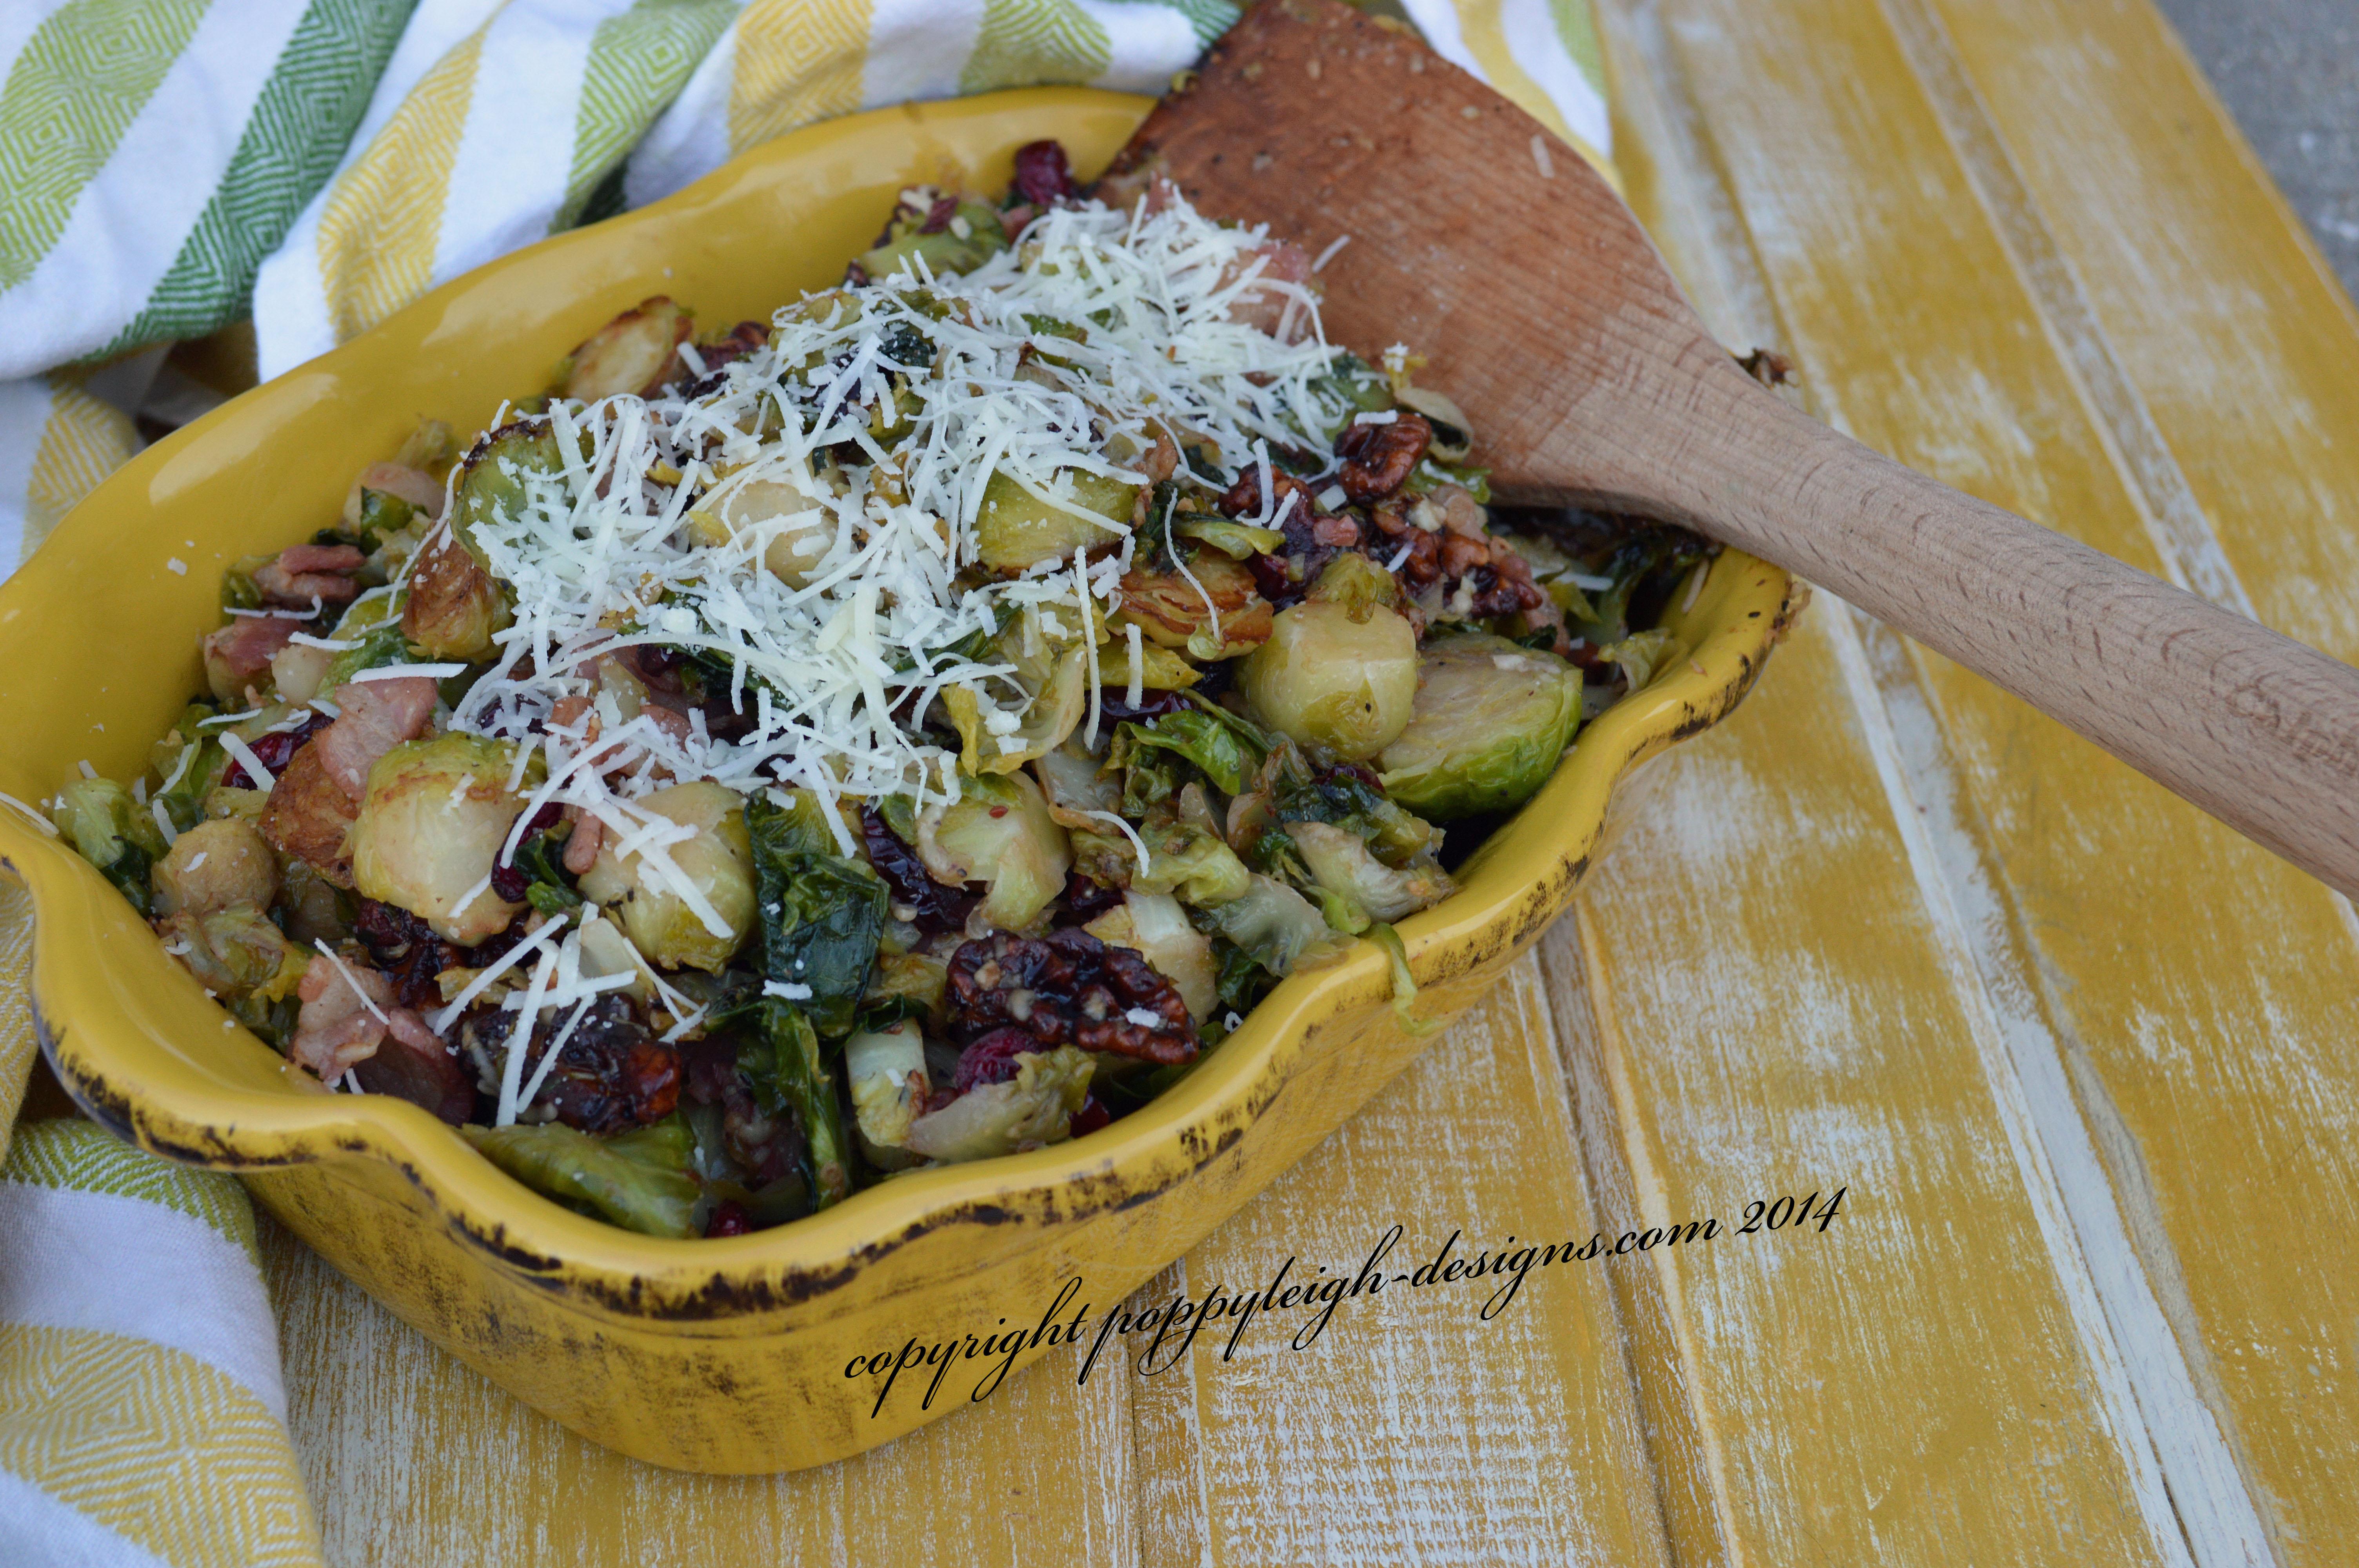 pancetta, cranberry, walnut brus spr (4)